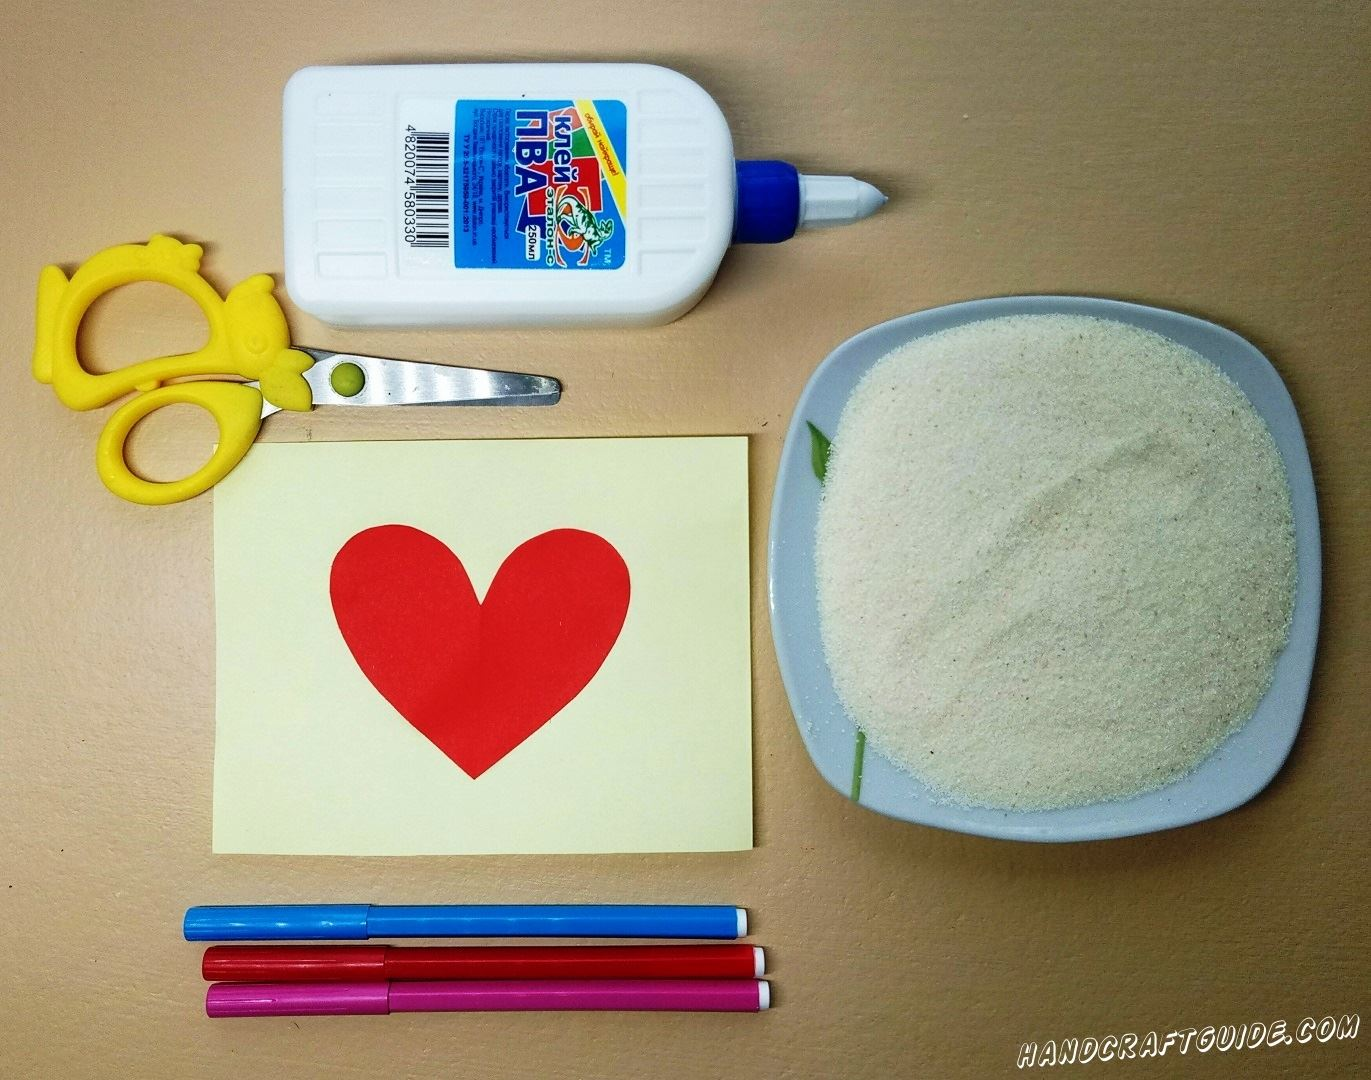 Рисуем крылышки сердечку и ещё одно сердце внутри наклеенного бумажного сердечка